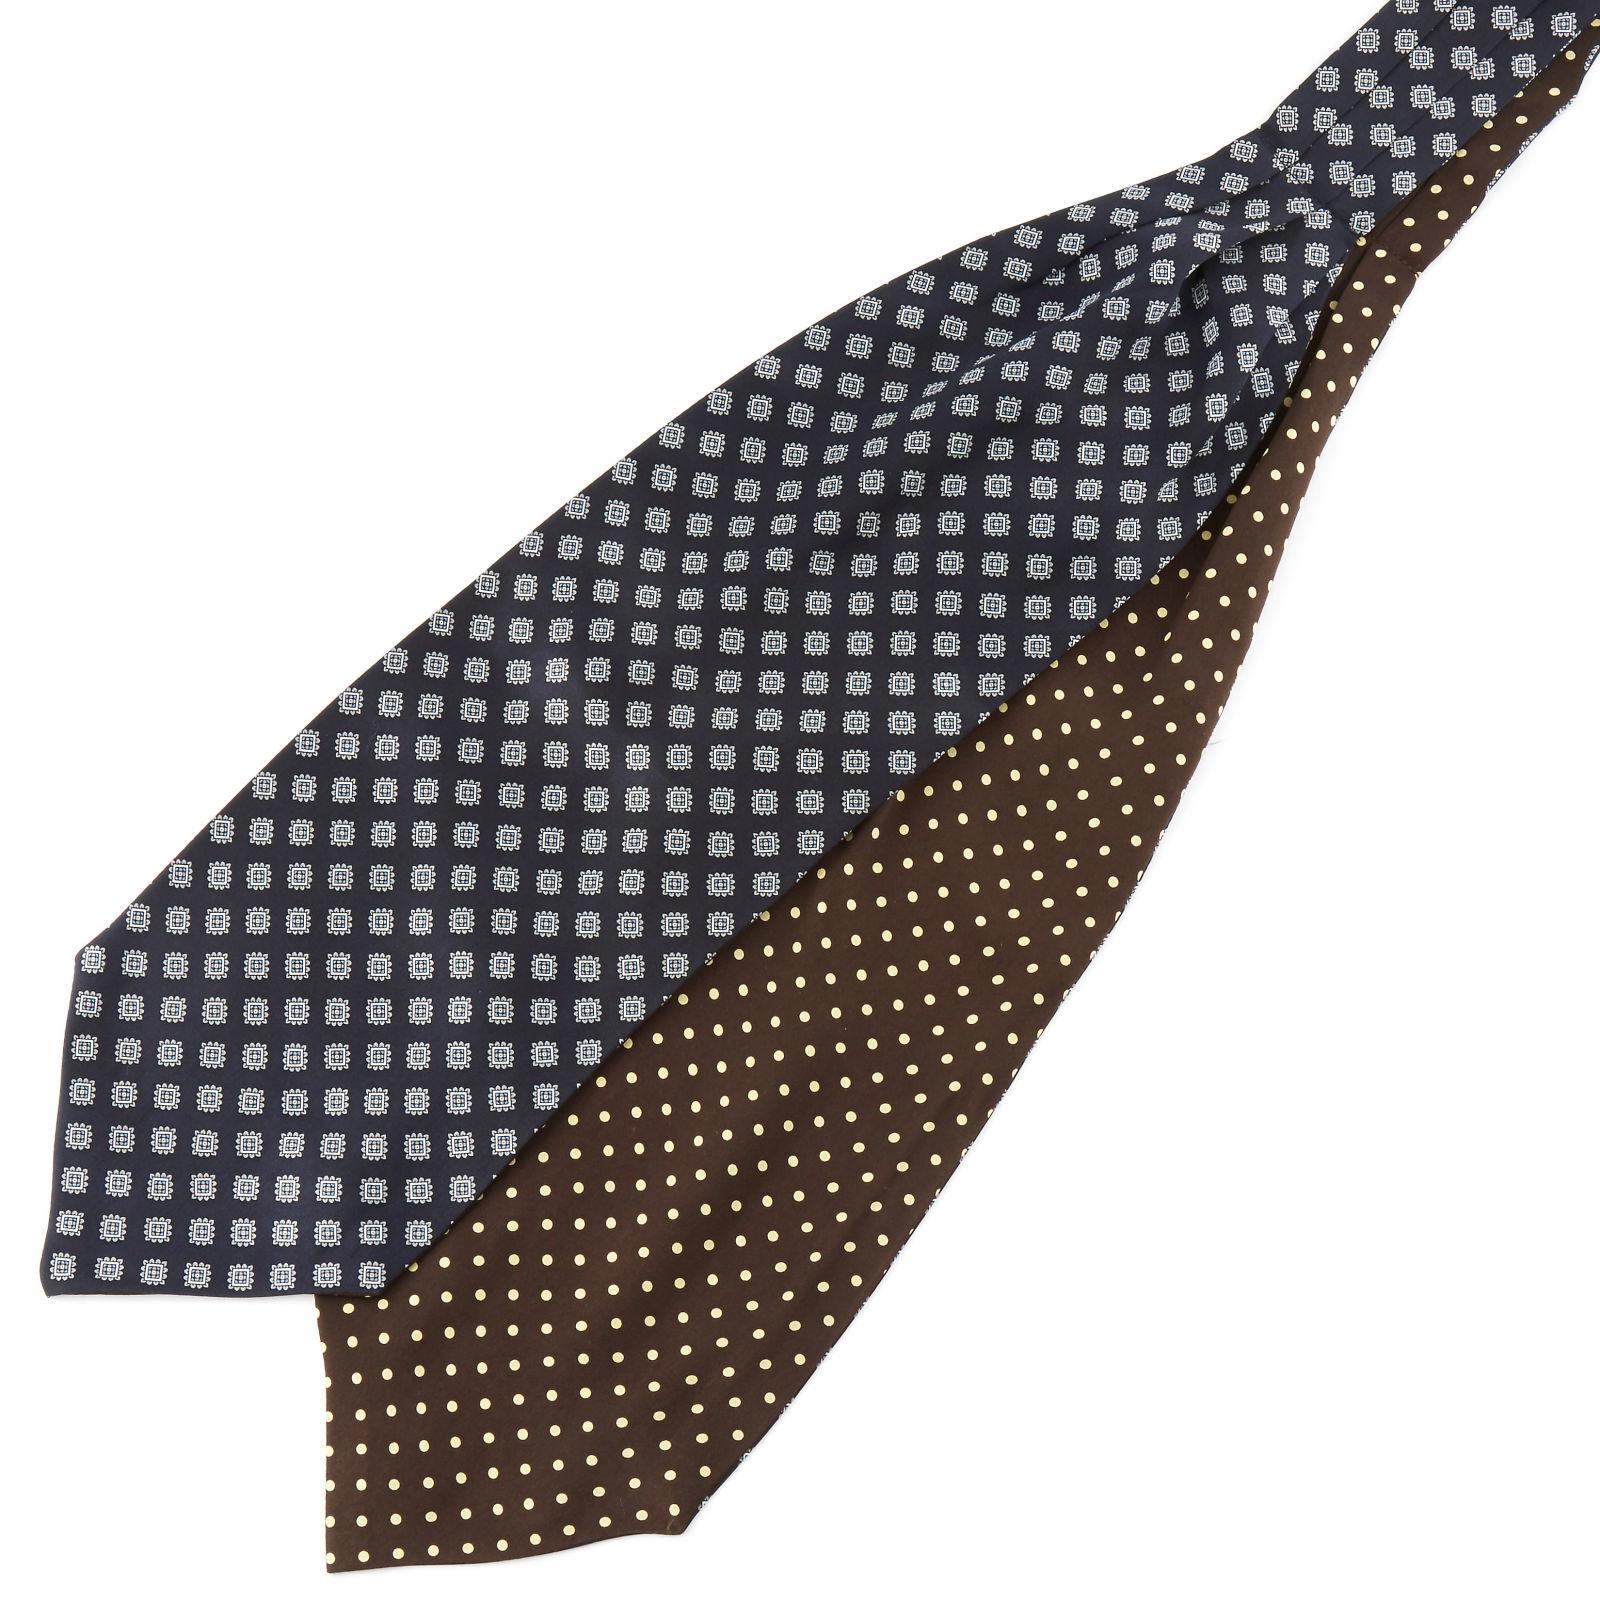 Tailor Toki Ruskea & laivastonsininen kaksipuolinen silkki ascot-solmio